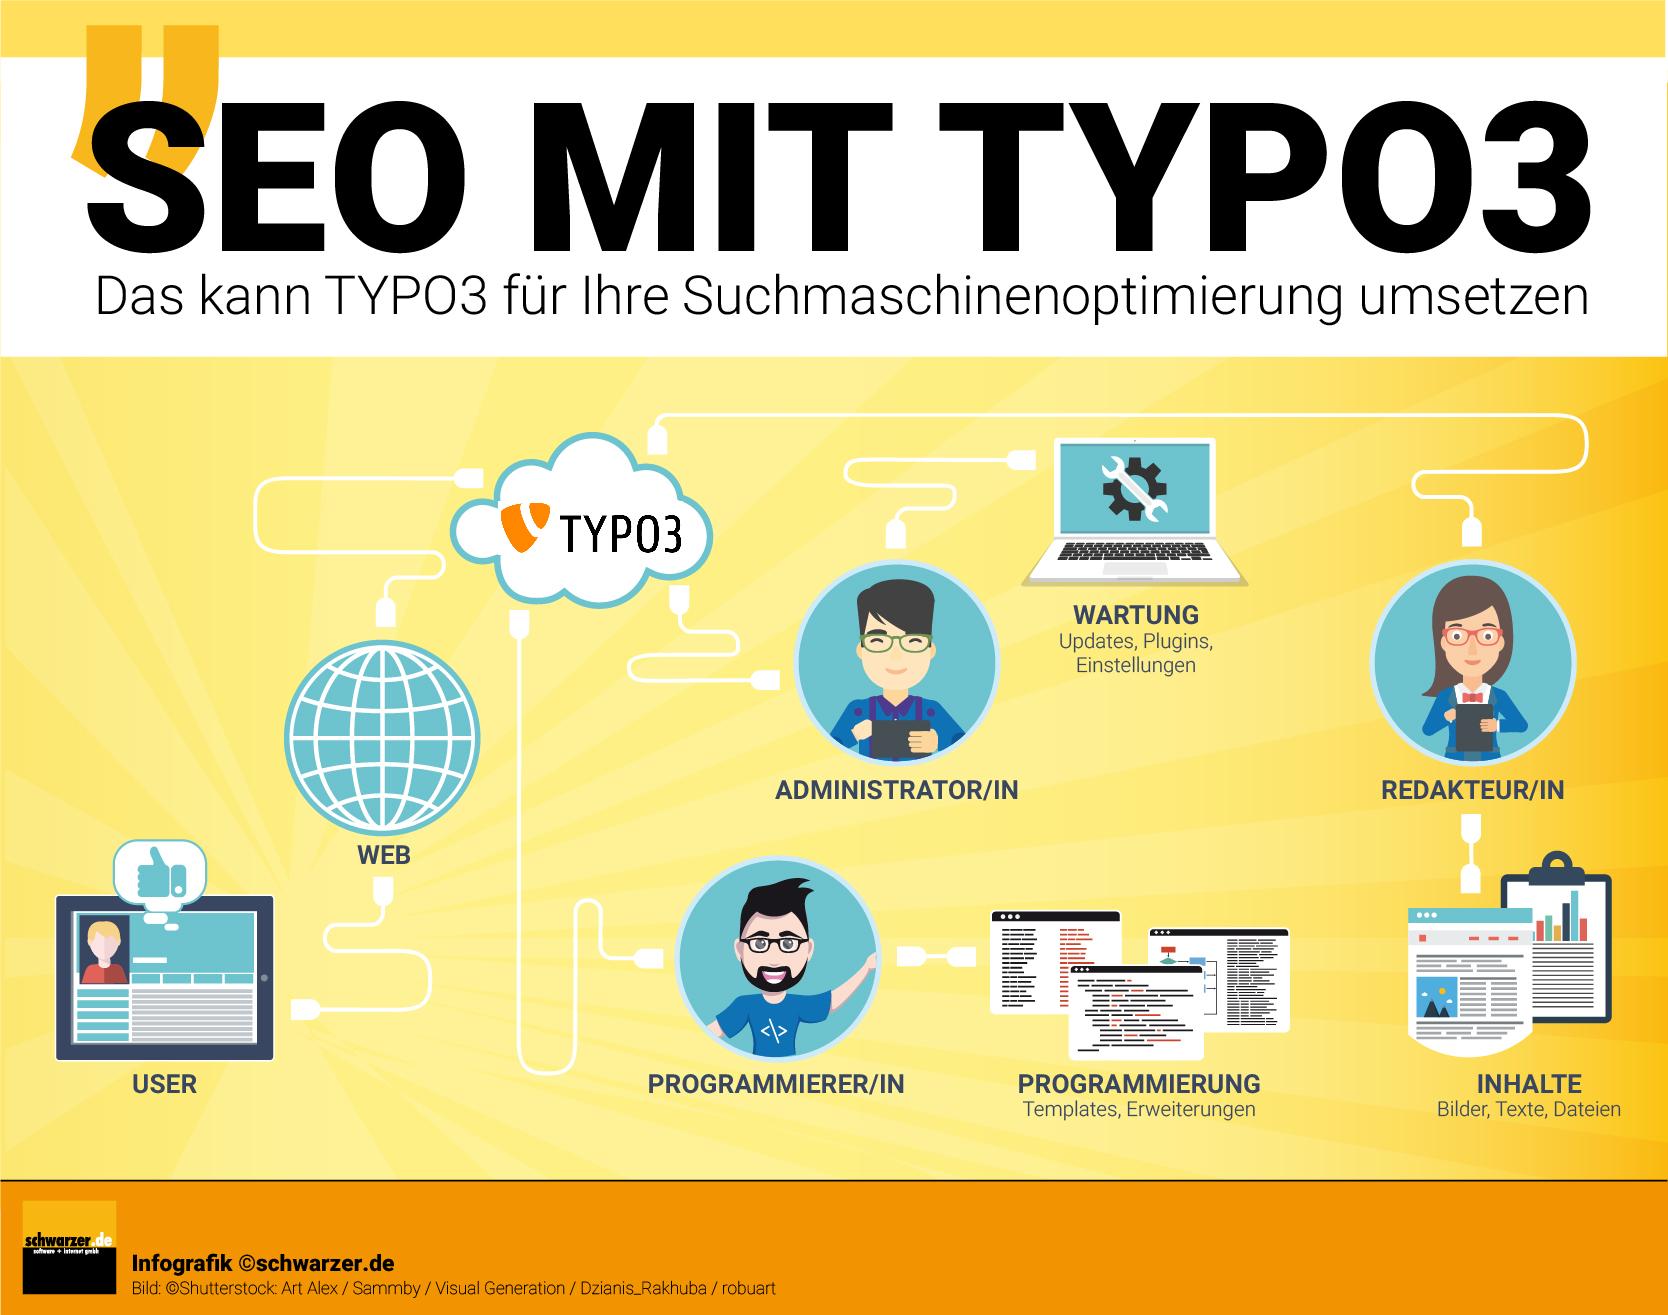 Infografik: SEO mit TYPO3 - Das kann Ihnen bei Ihrer Suchmaschinenoptimierung helfen.